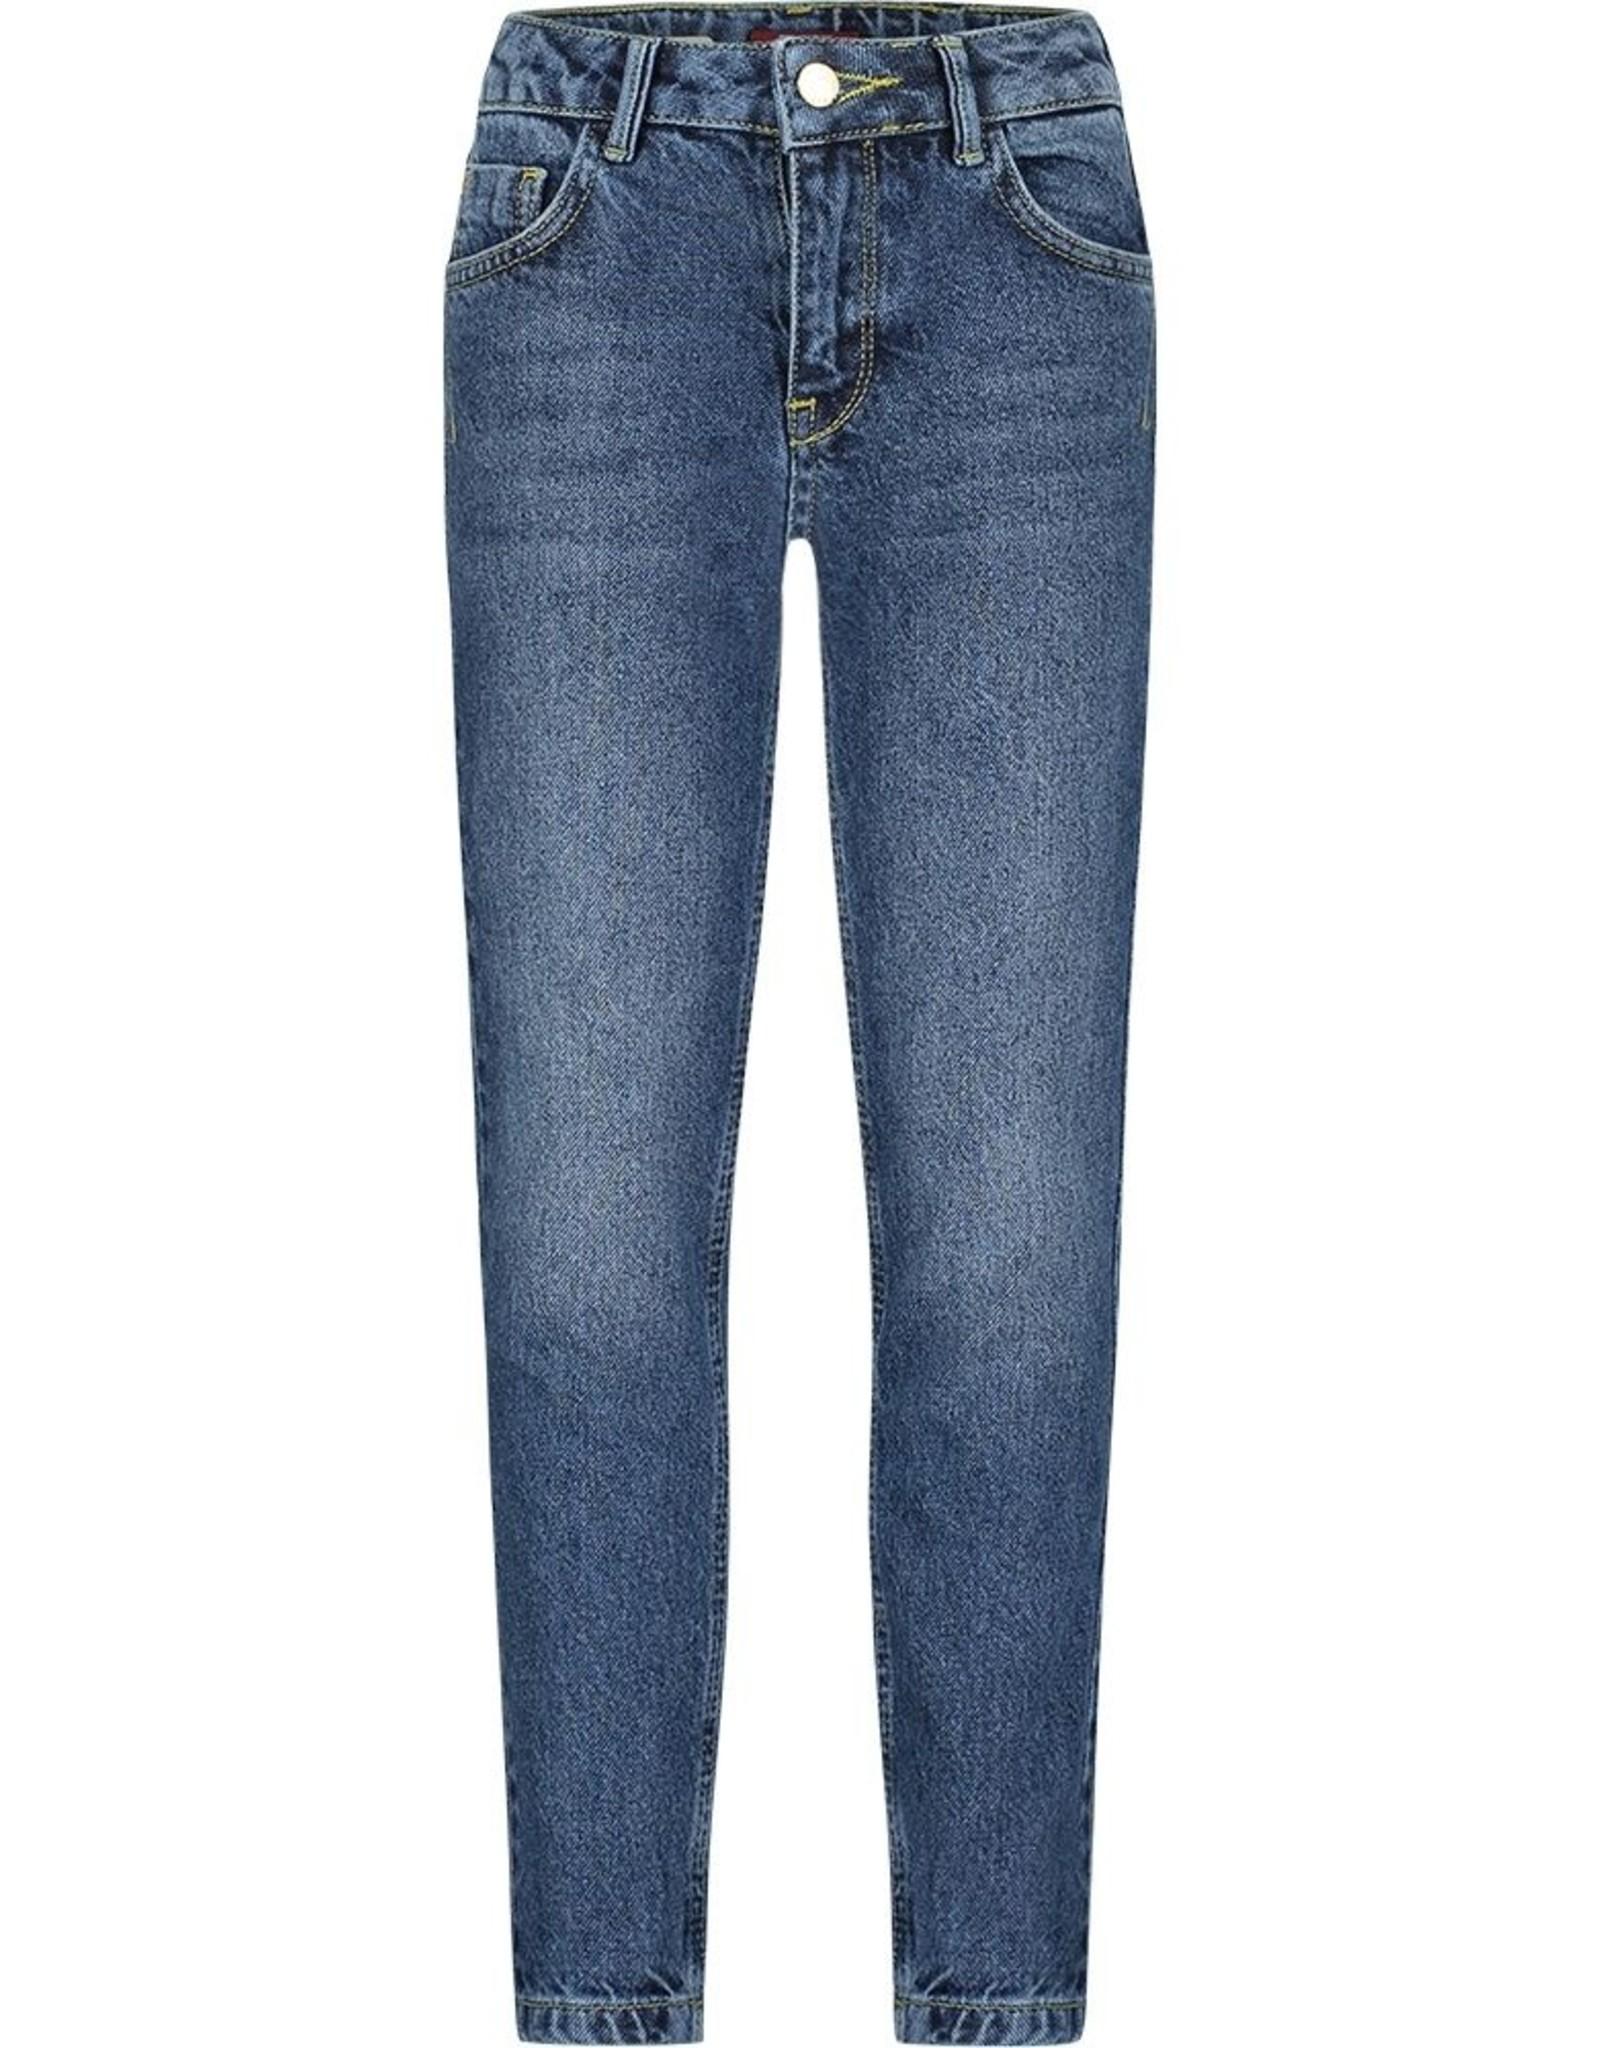 BOOF Puffin Dark Blue Boyfriend Jeans